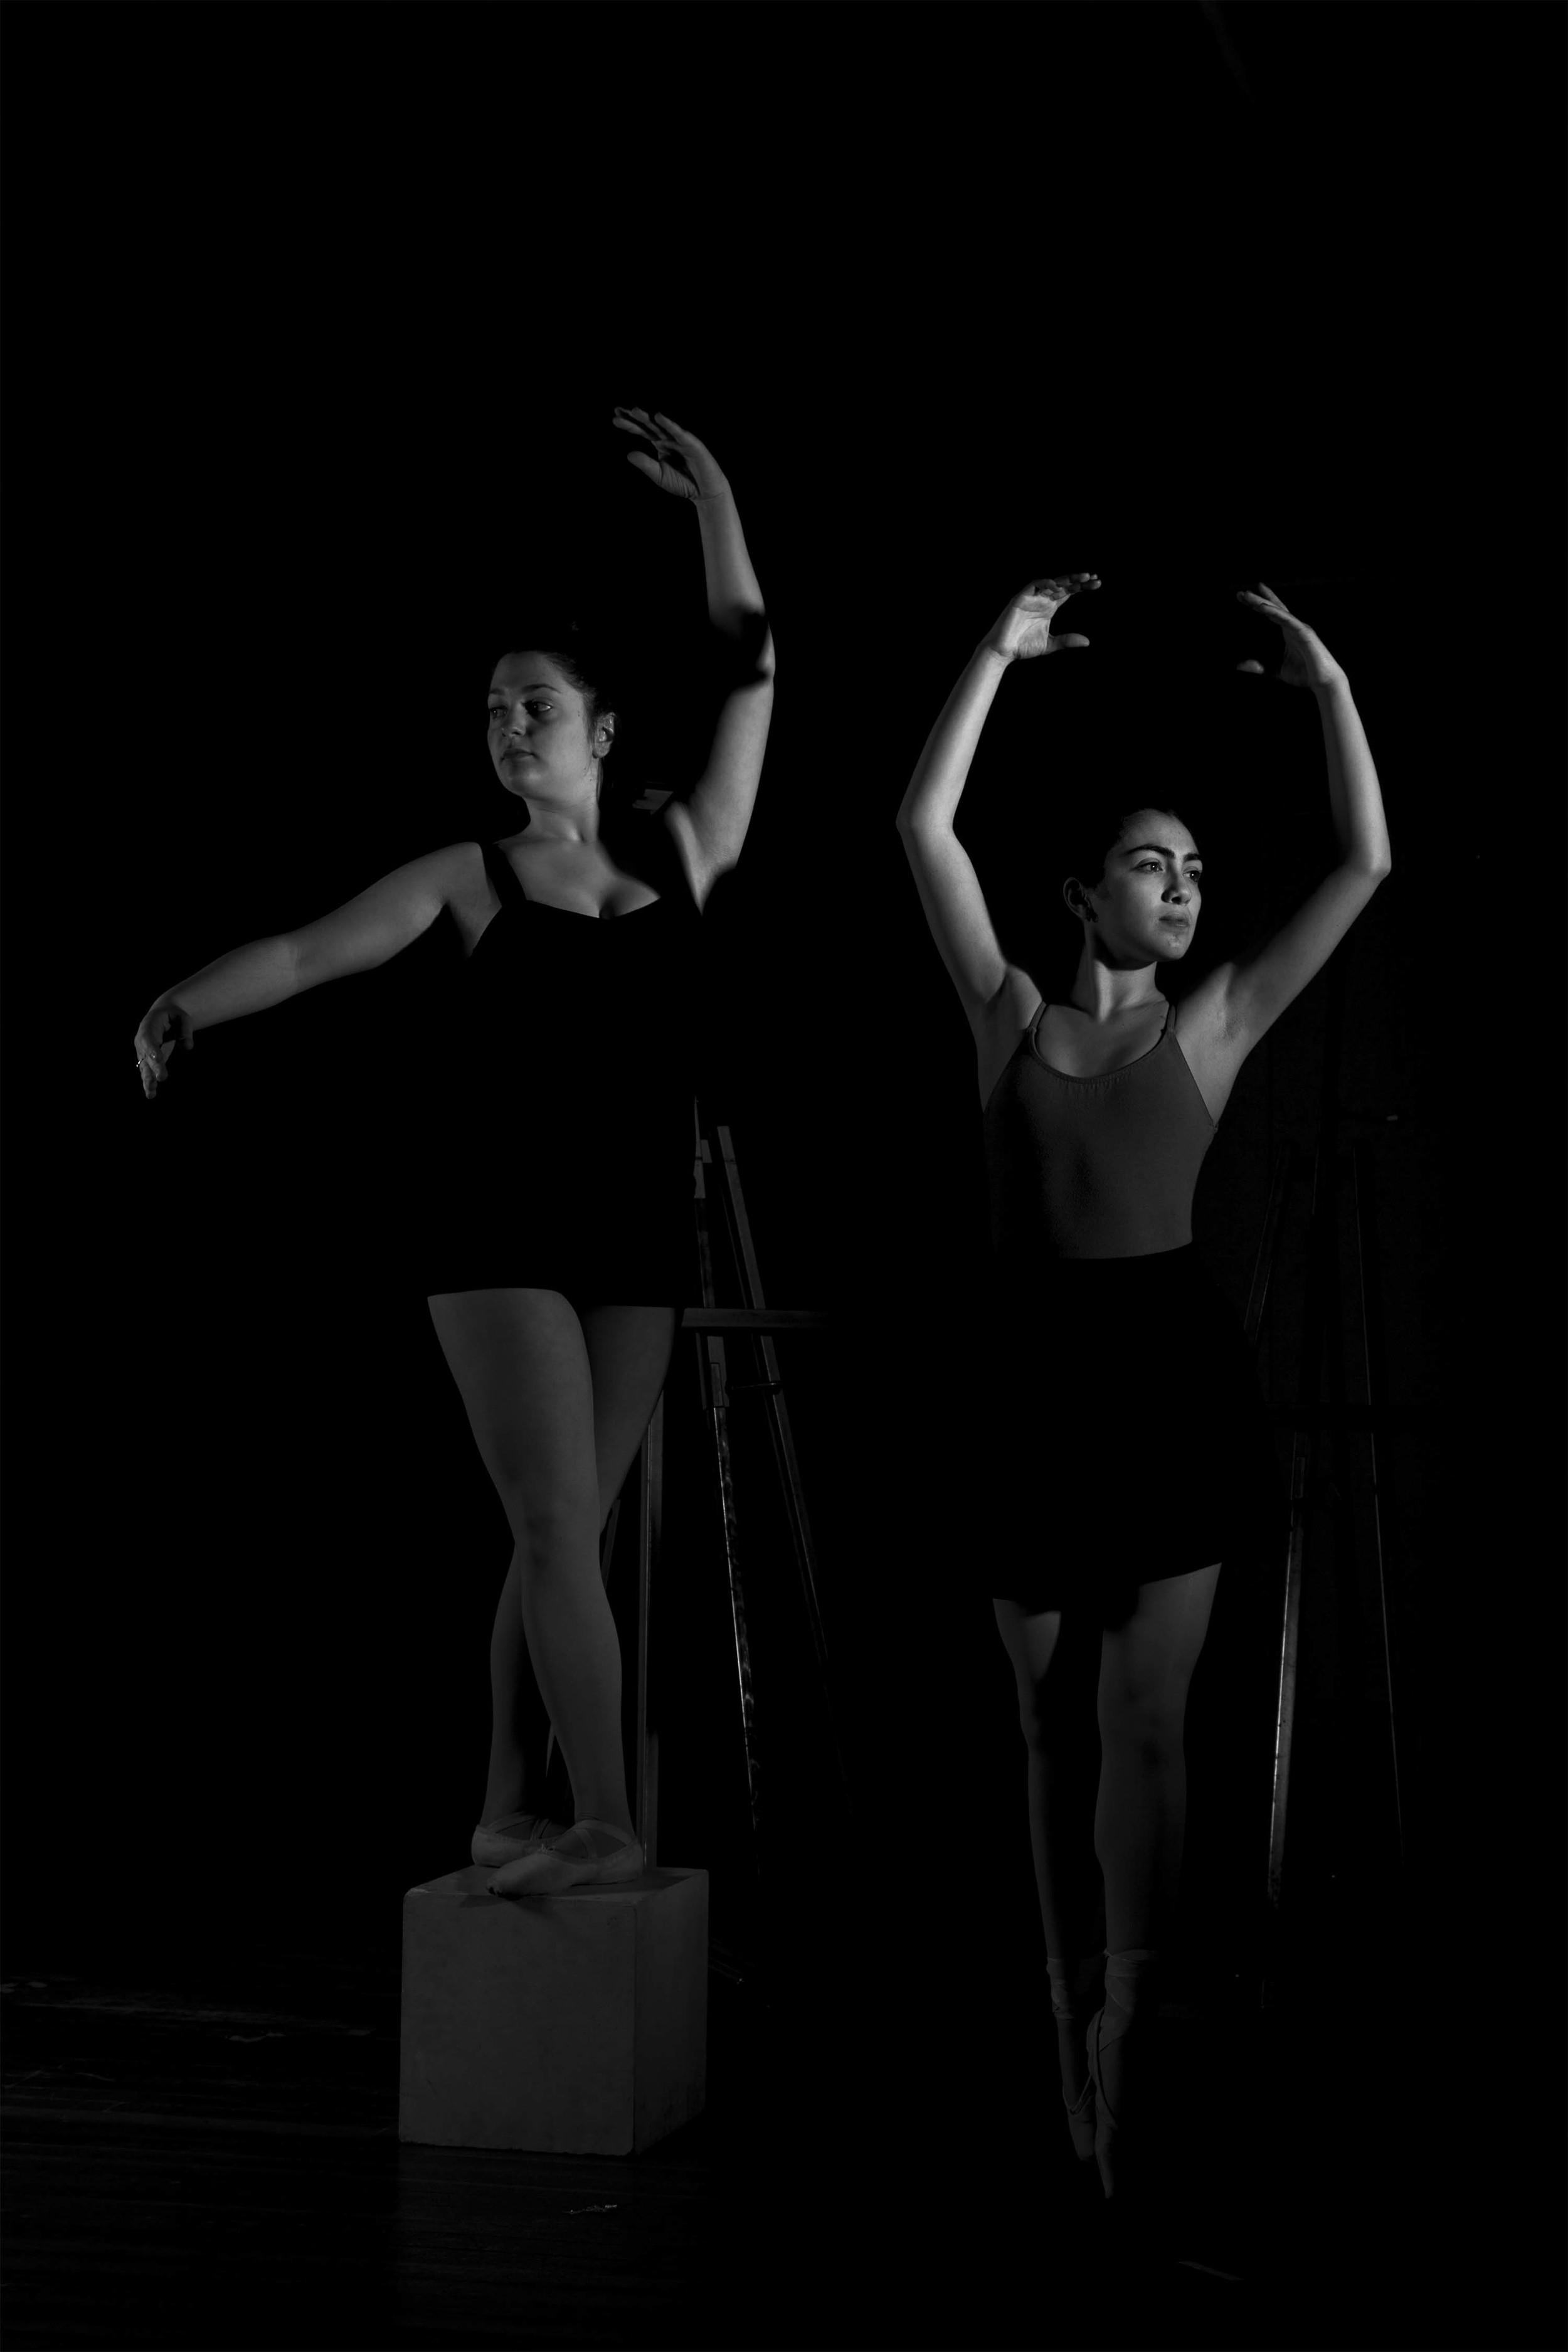 Dana Mancini and Pilar Marin (2014)